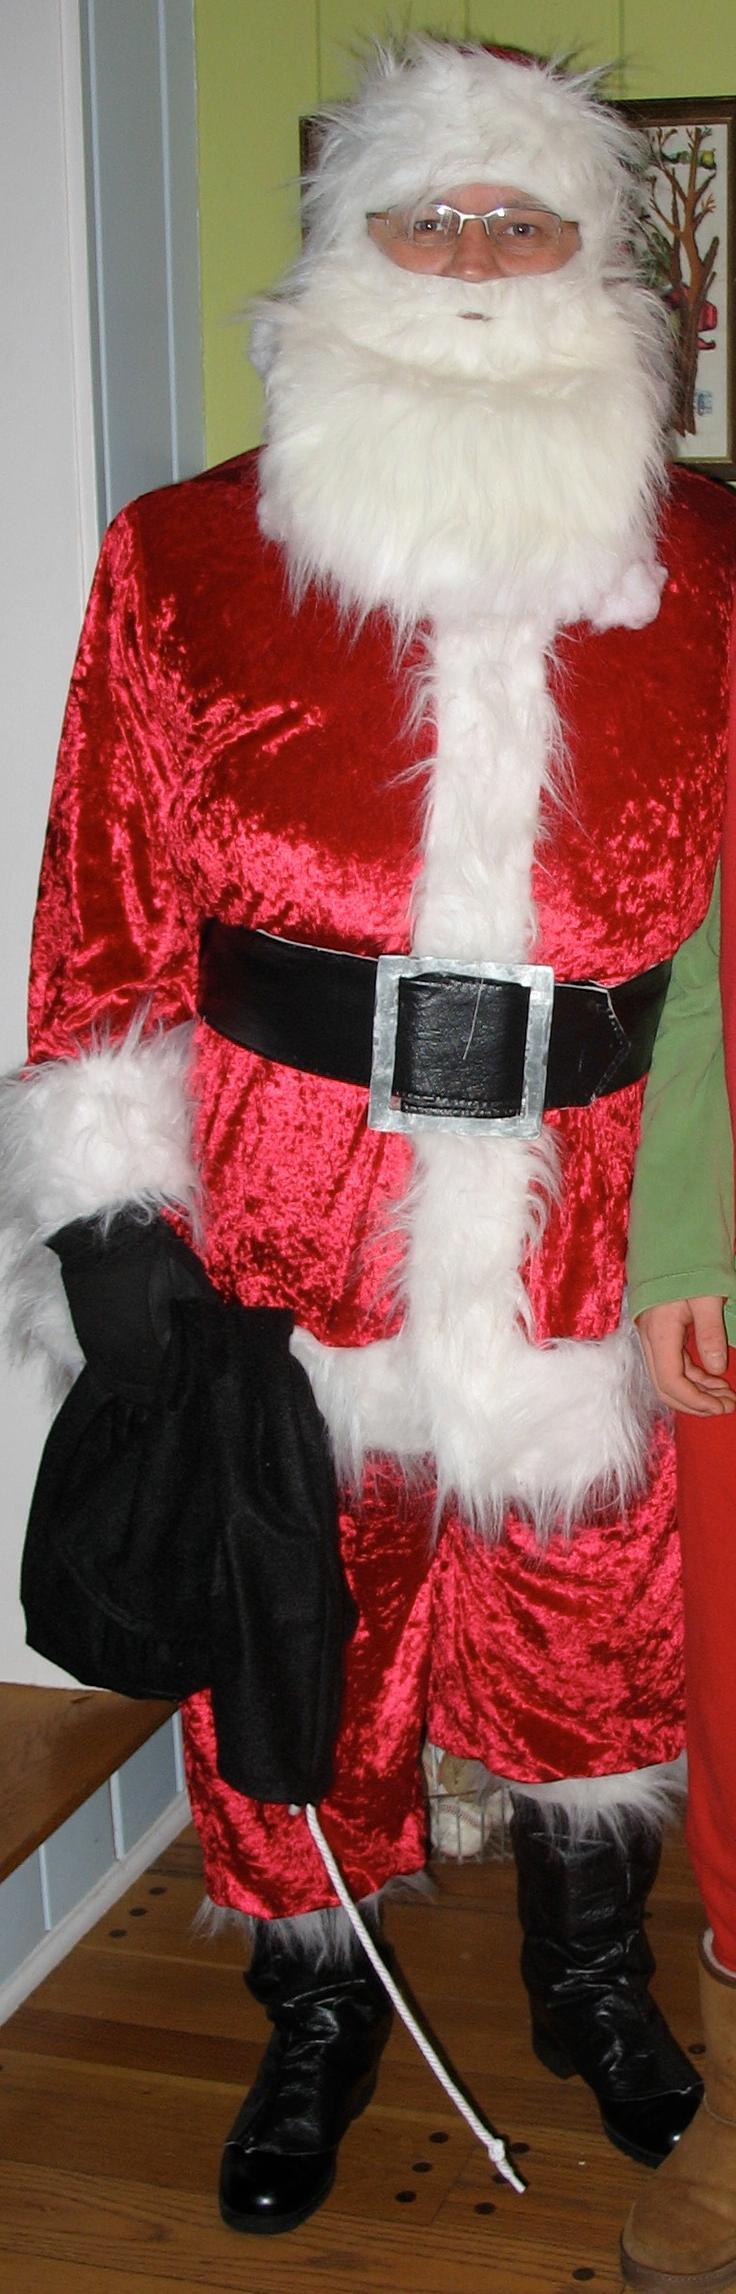 second santa.jpg